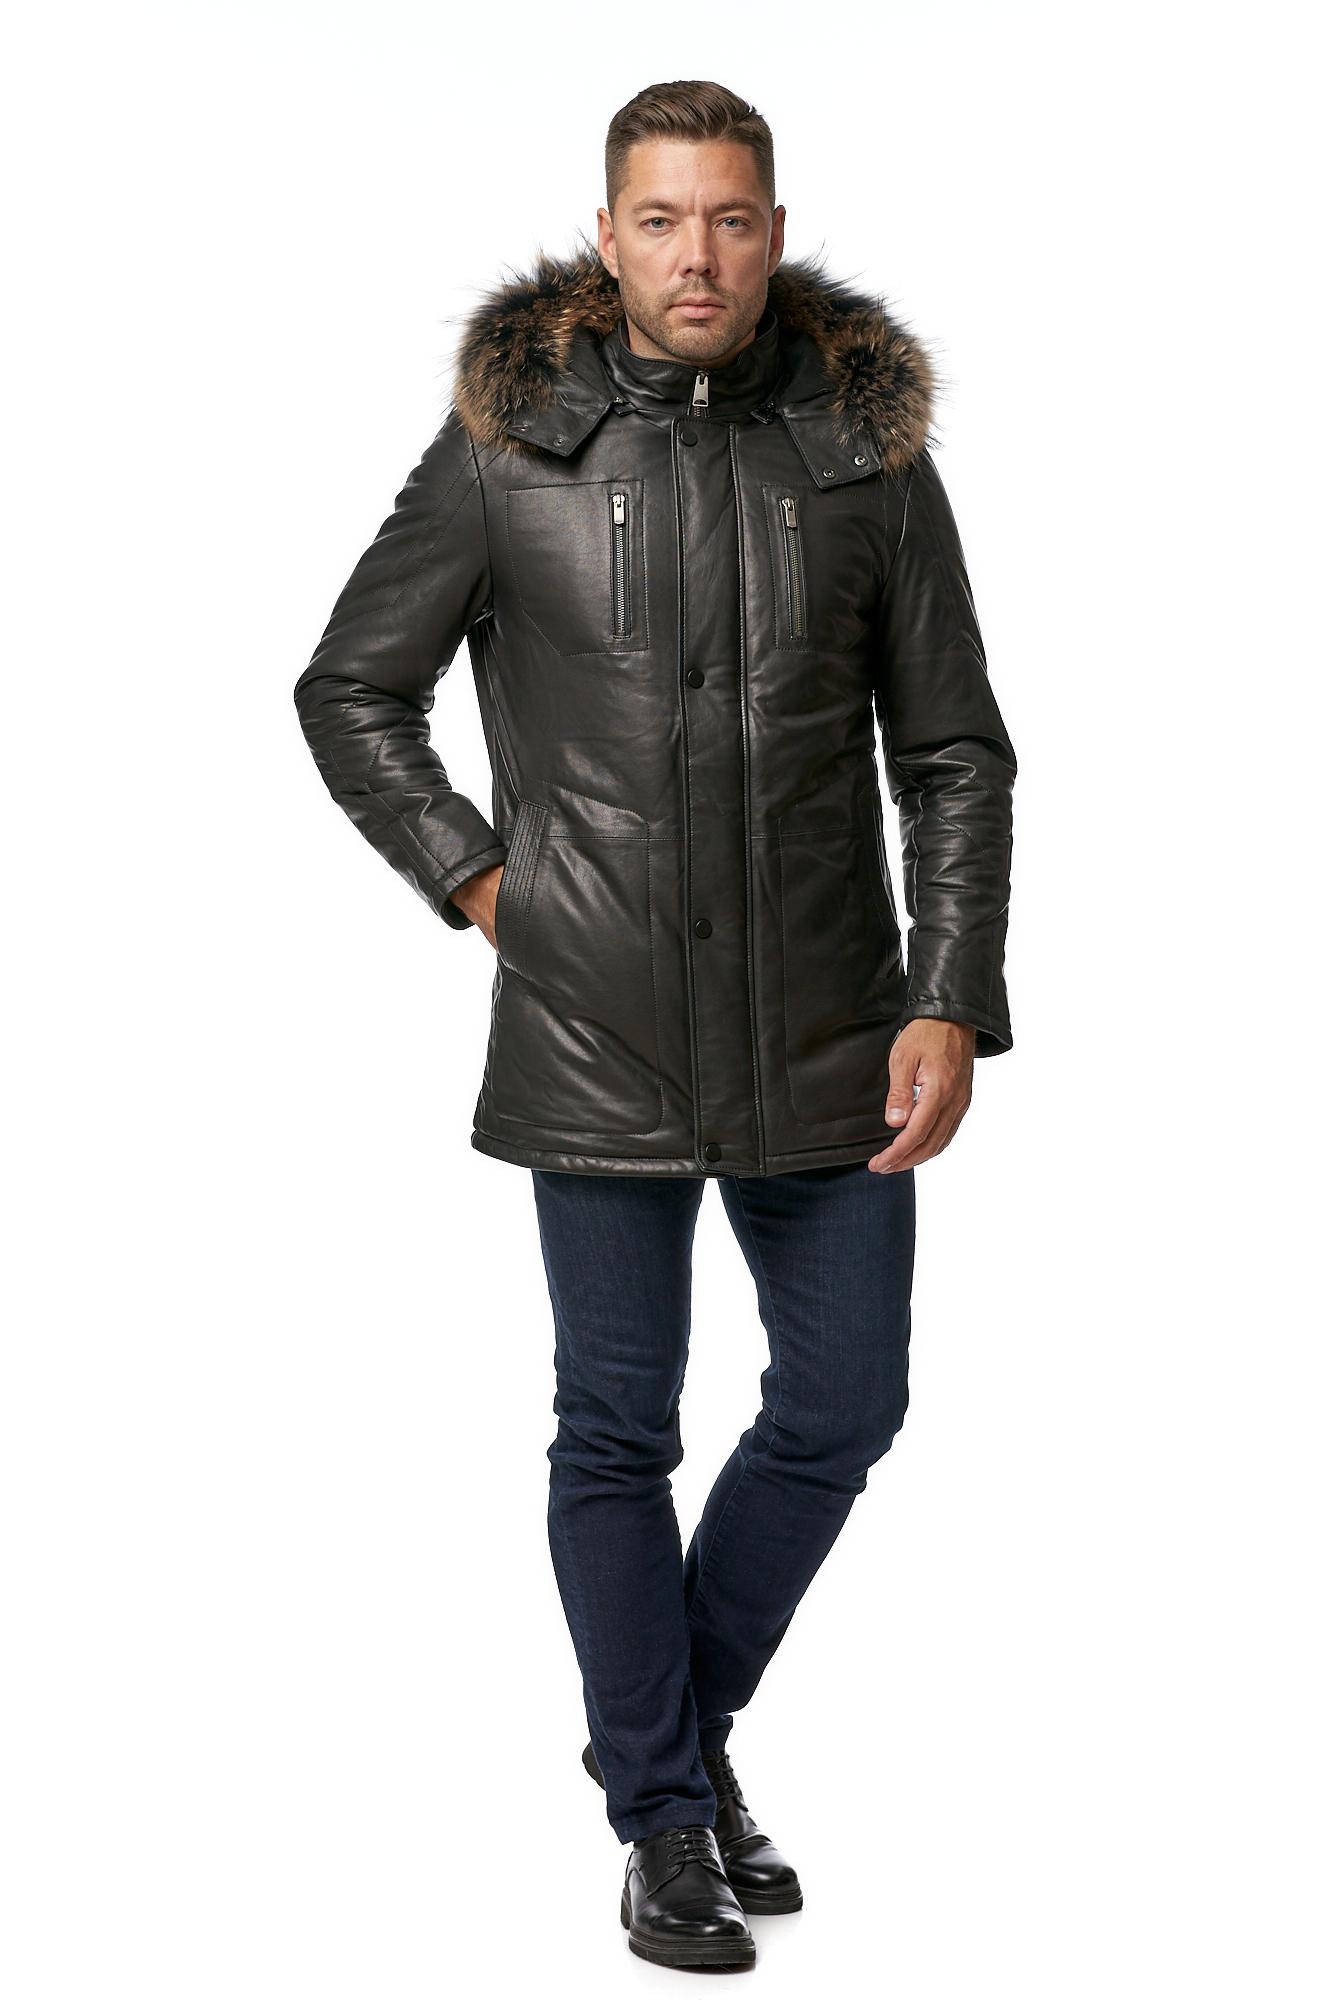 Мужская кожаная куртка из натуральной кожи с капюшоном, отделка енот